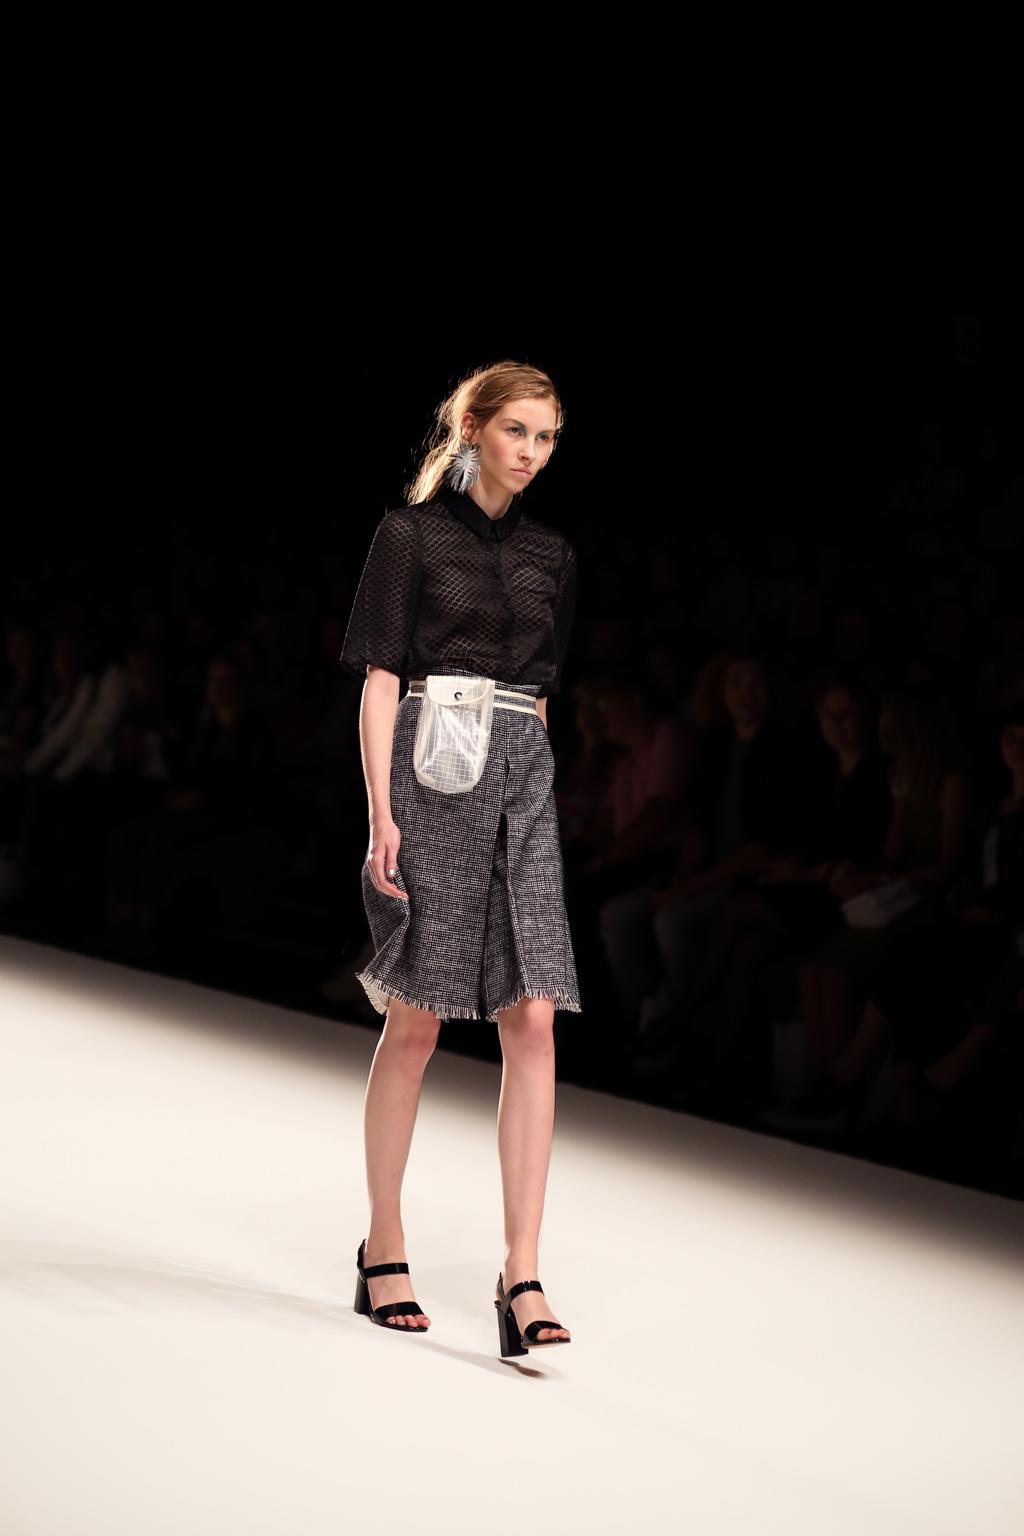 thefashionanarchy_blogger_fashionblogger_fashionweek_berlin_muenchen_munich_steinrohner_fashionweek_mbfw_review_fashionblog_modeblog_styleblog_1